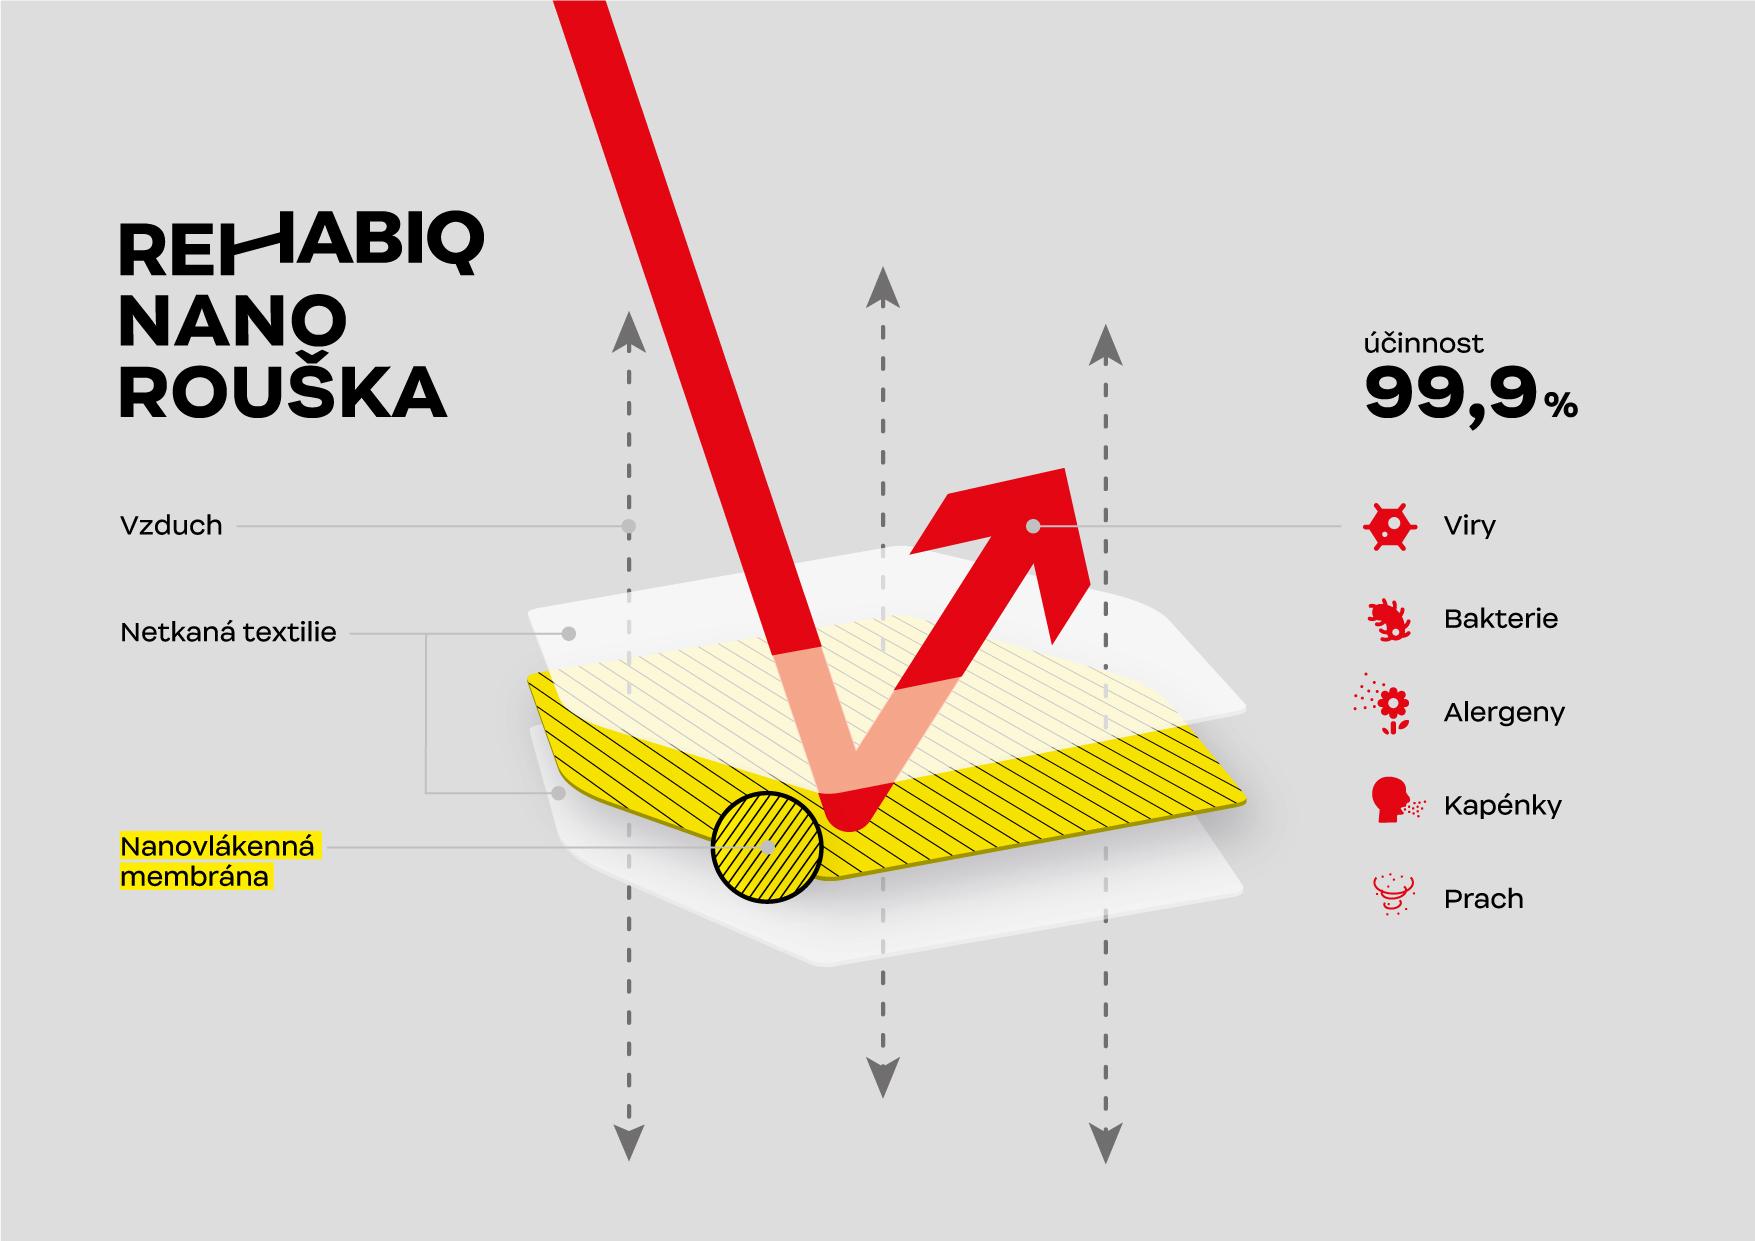 Graf propustnosti - České jednorázové Nano rúška Rehabiq s účinnosťou 12 hodín